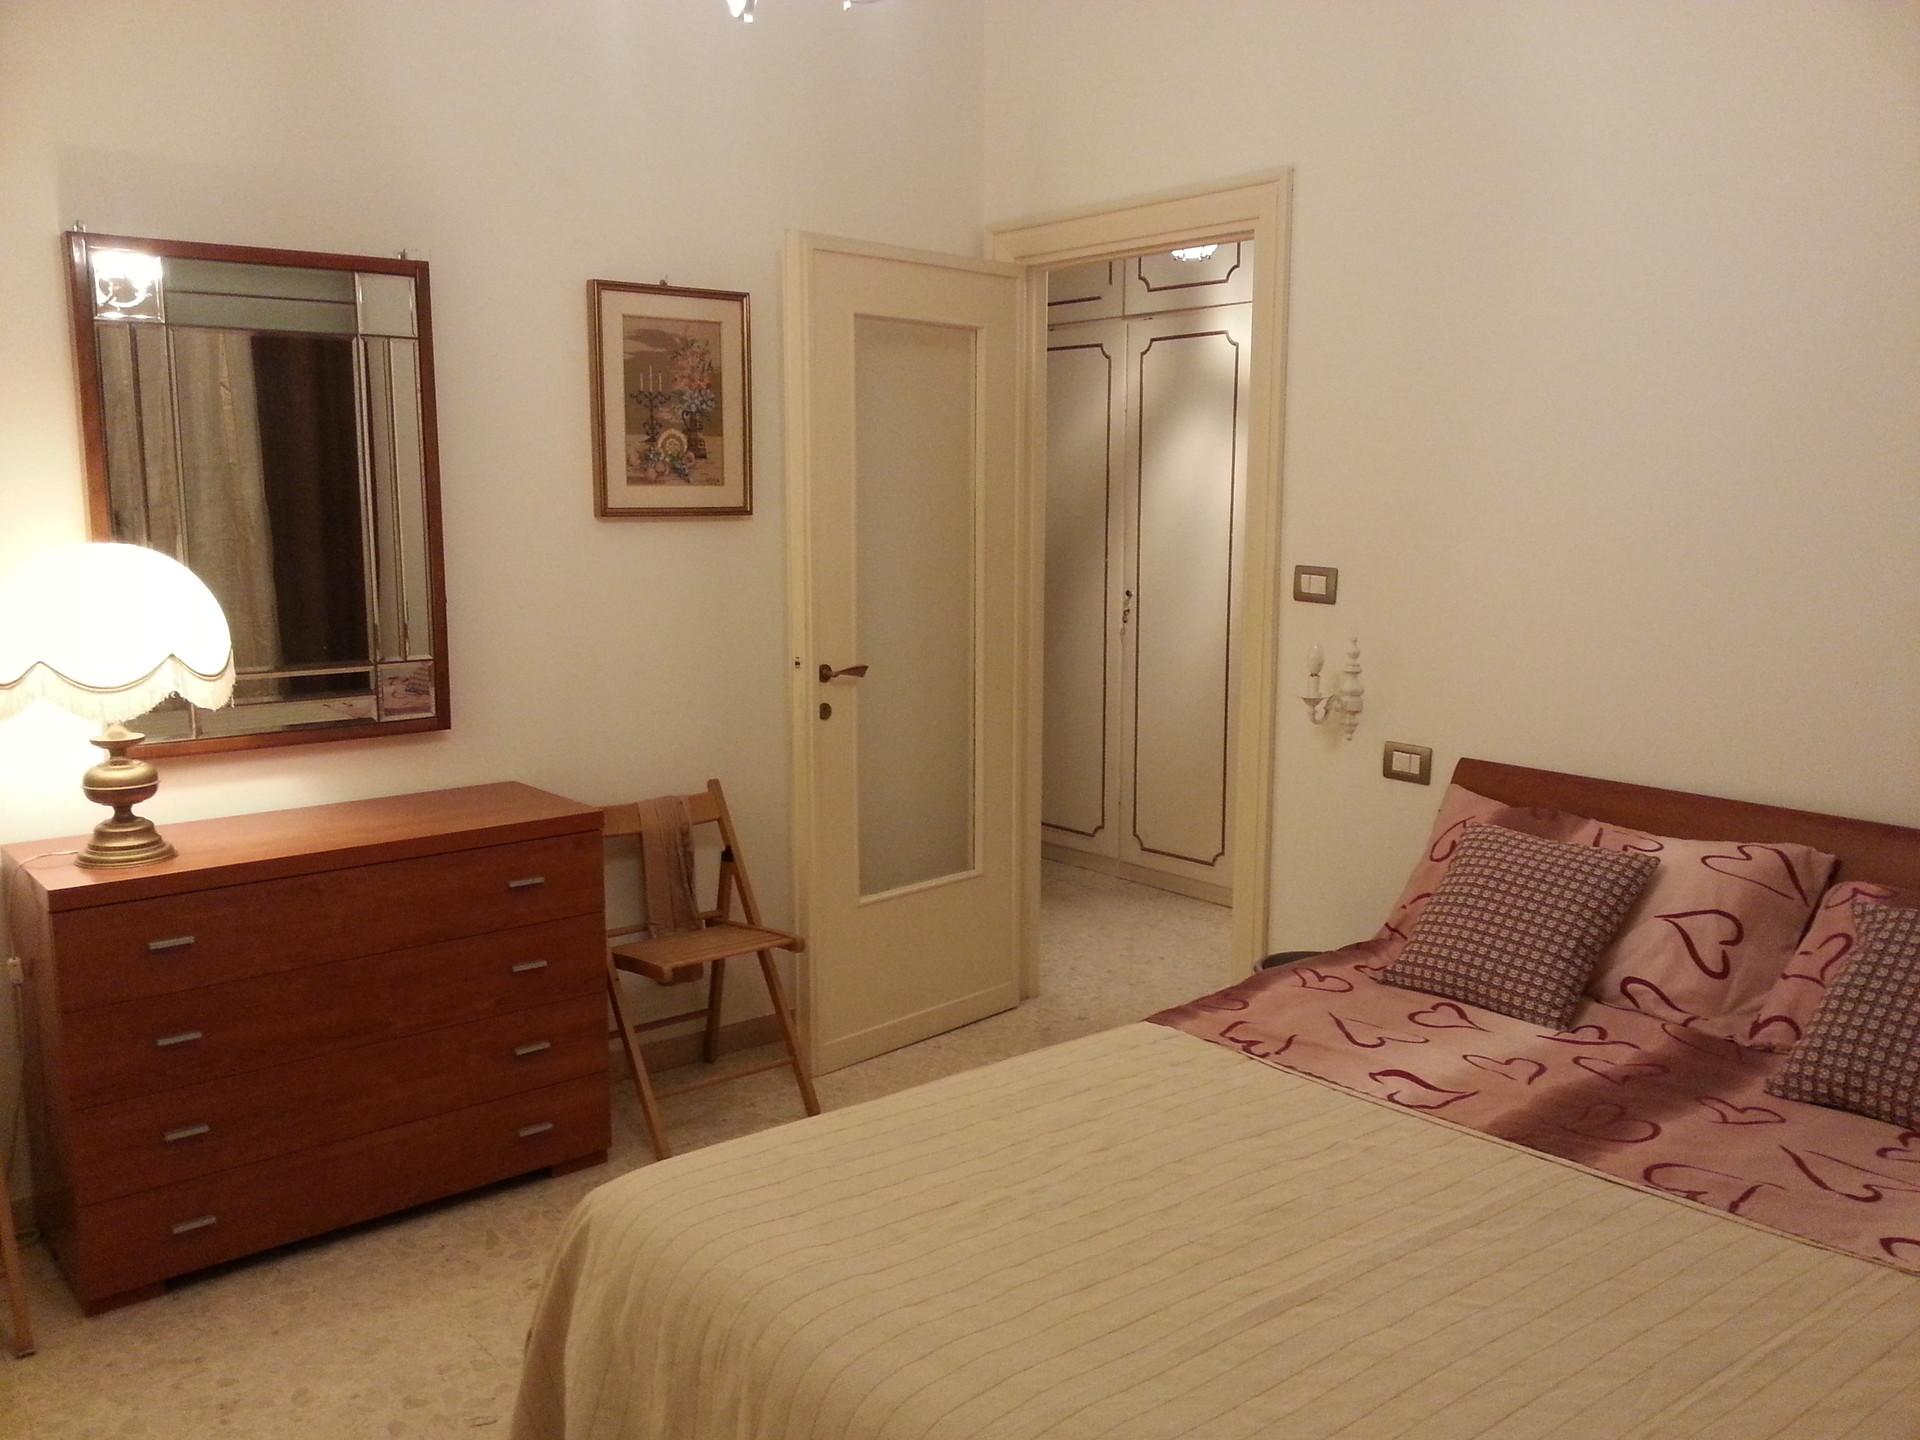 Camera matrimoniale piazzale jonio stanza in affitto roma - Stanza bagno privato roma ...